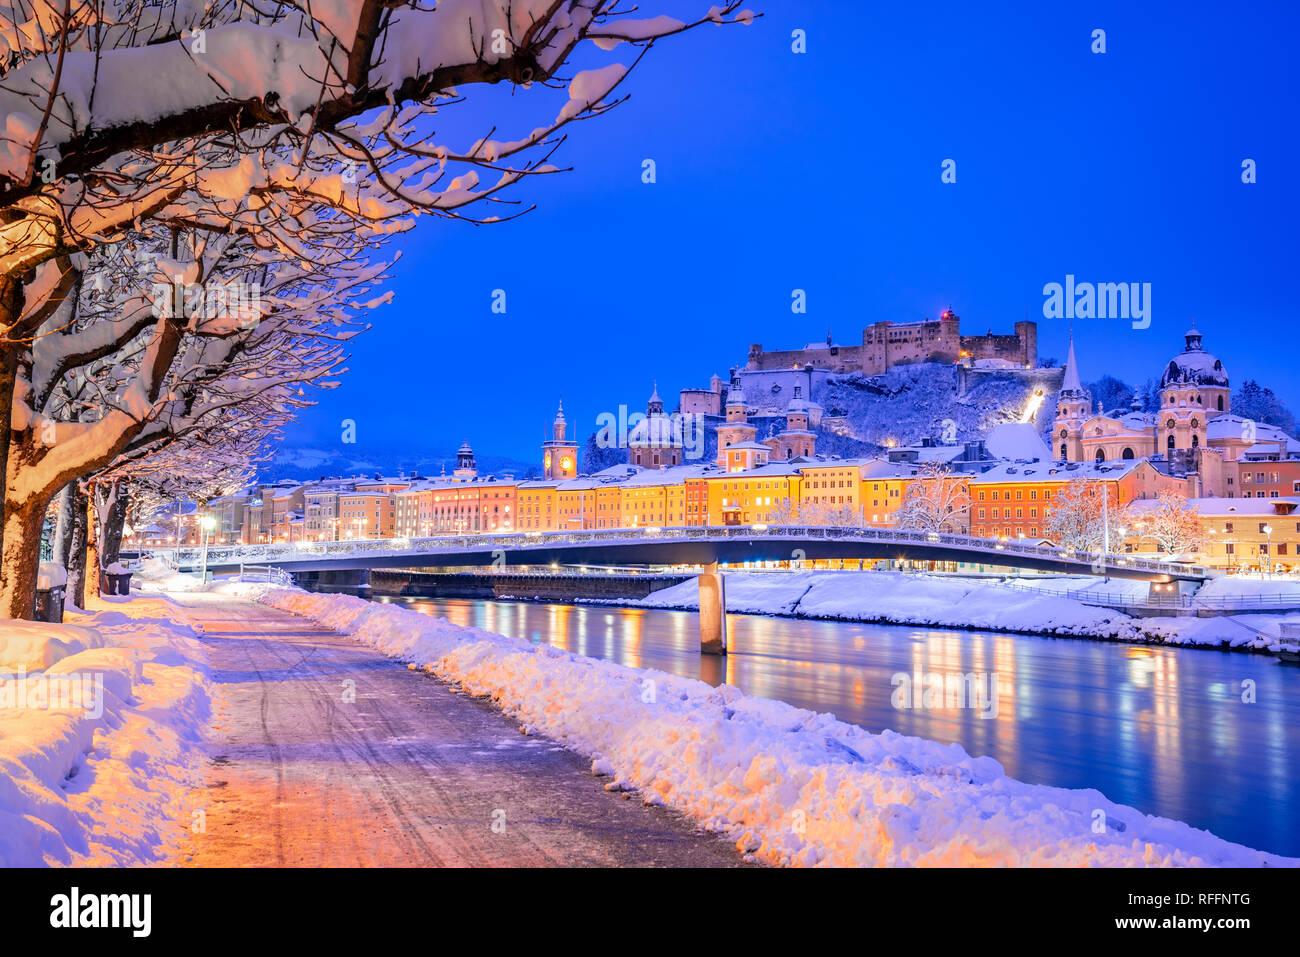 Salzburg, Österreich: Winter Überblicküber die historische Stadt Salzburg mit berühmten Festung Hohensalzburg und Salzach Stockfoto